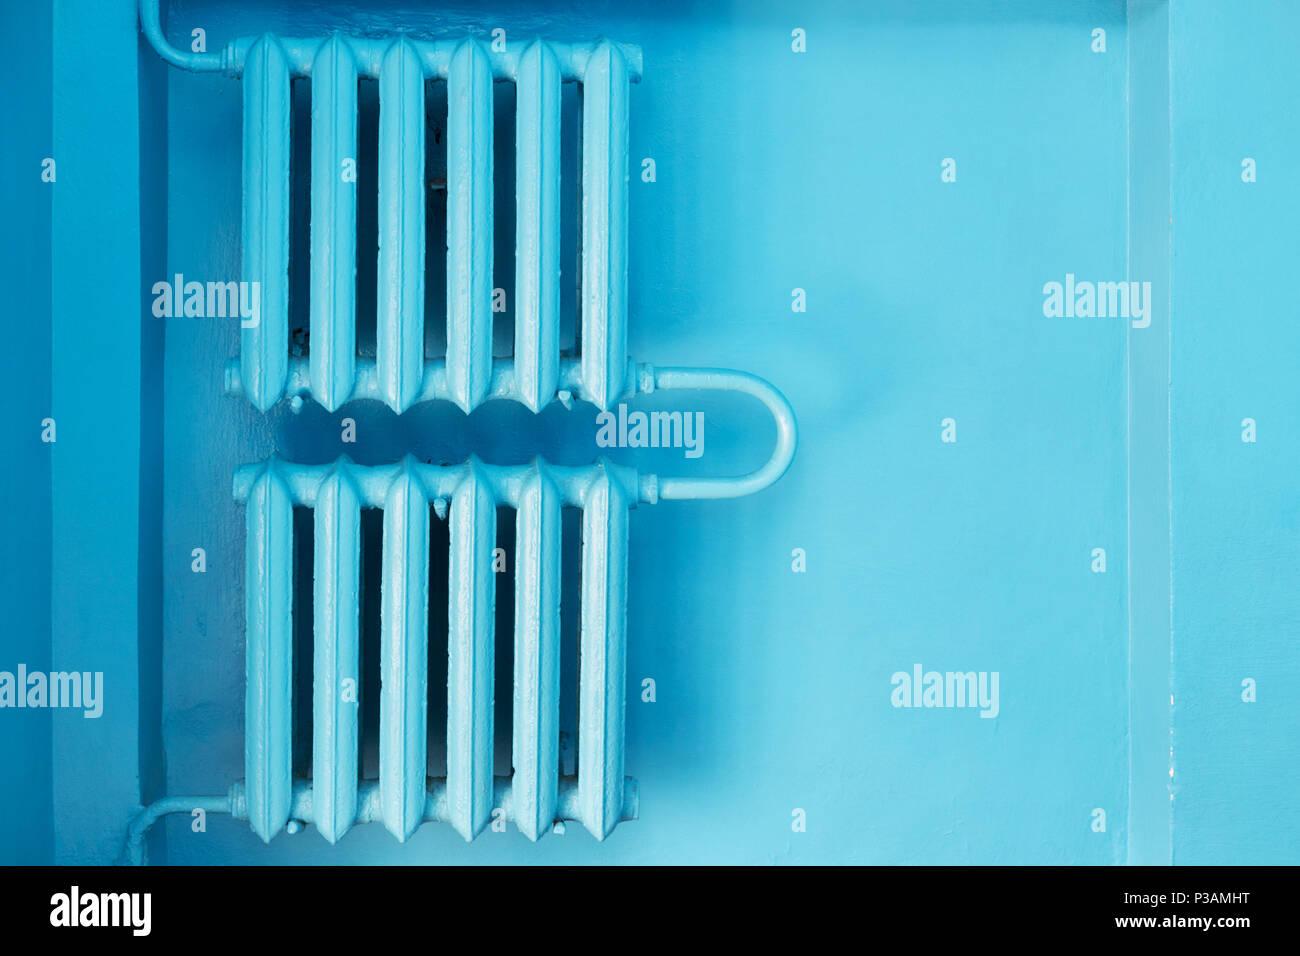 Insgesamt Blau abstrakt Hintergrund mit alte Heizkörper an der Wand ...